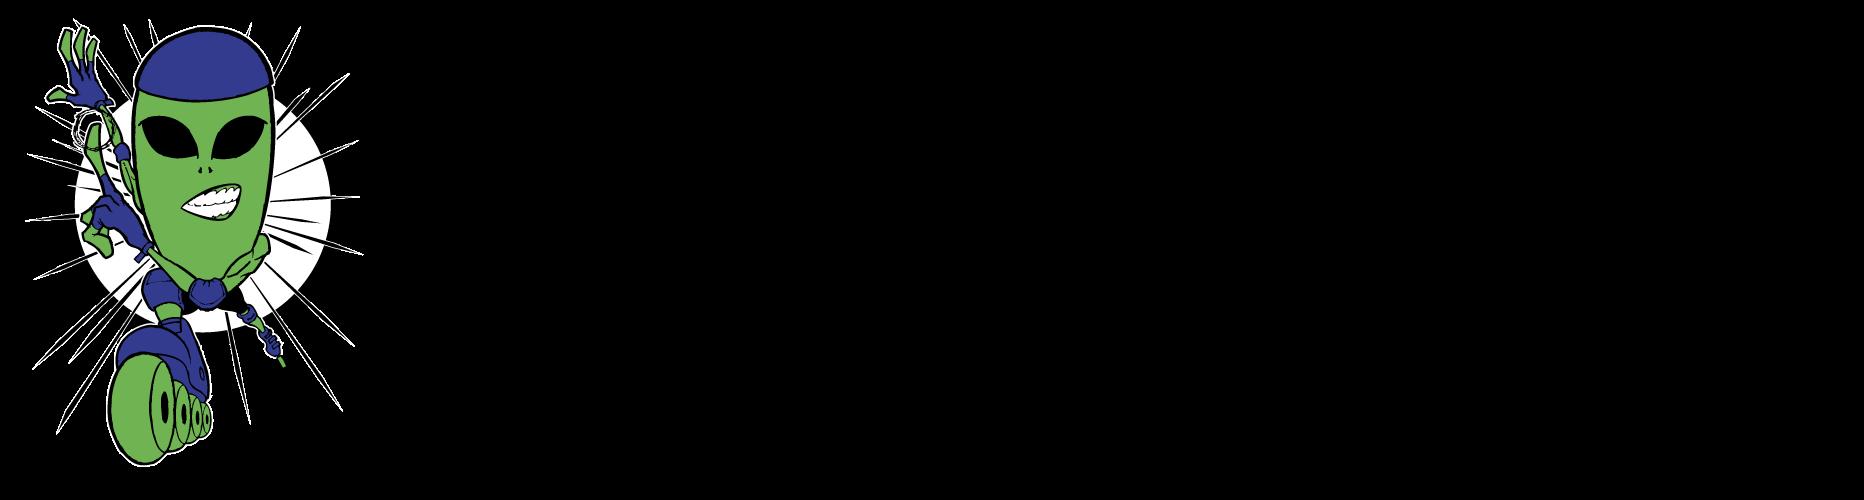 Alien In-Line Full Logo Black